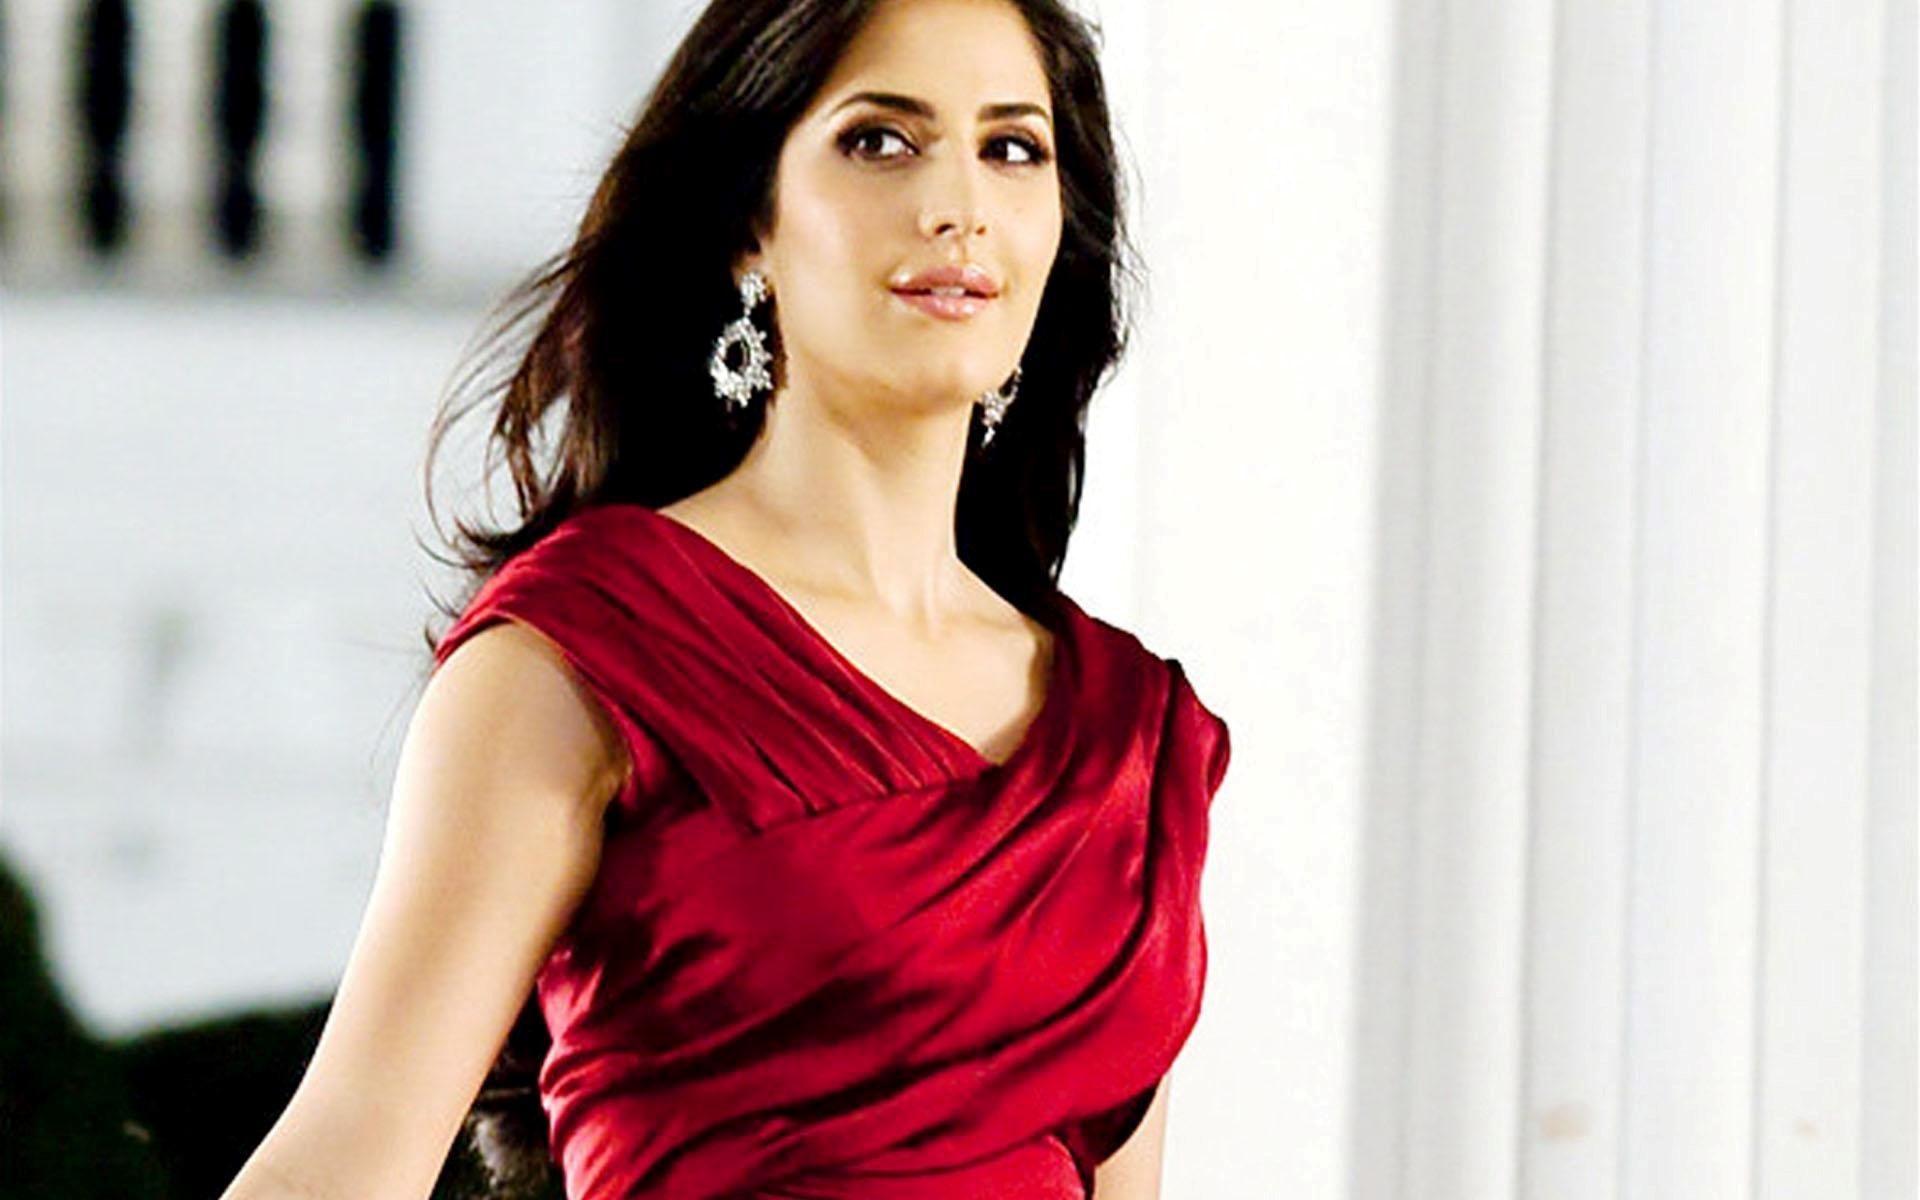 Hot hindi actress wallpapers group bollywood hd hot 3d hot hindi actress wallpapers group bollywood hd hot voltagebd Images